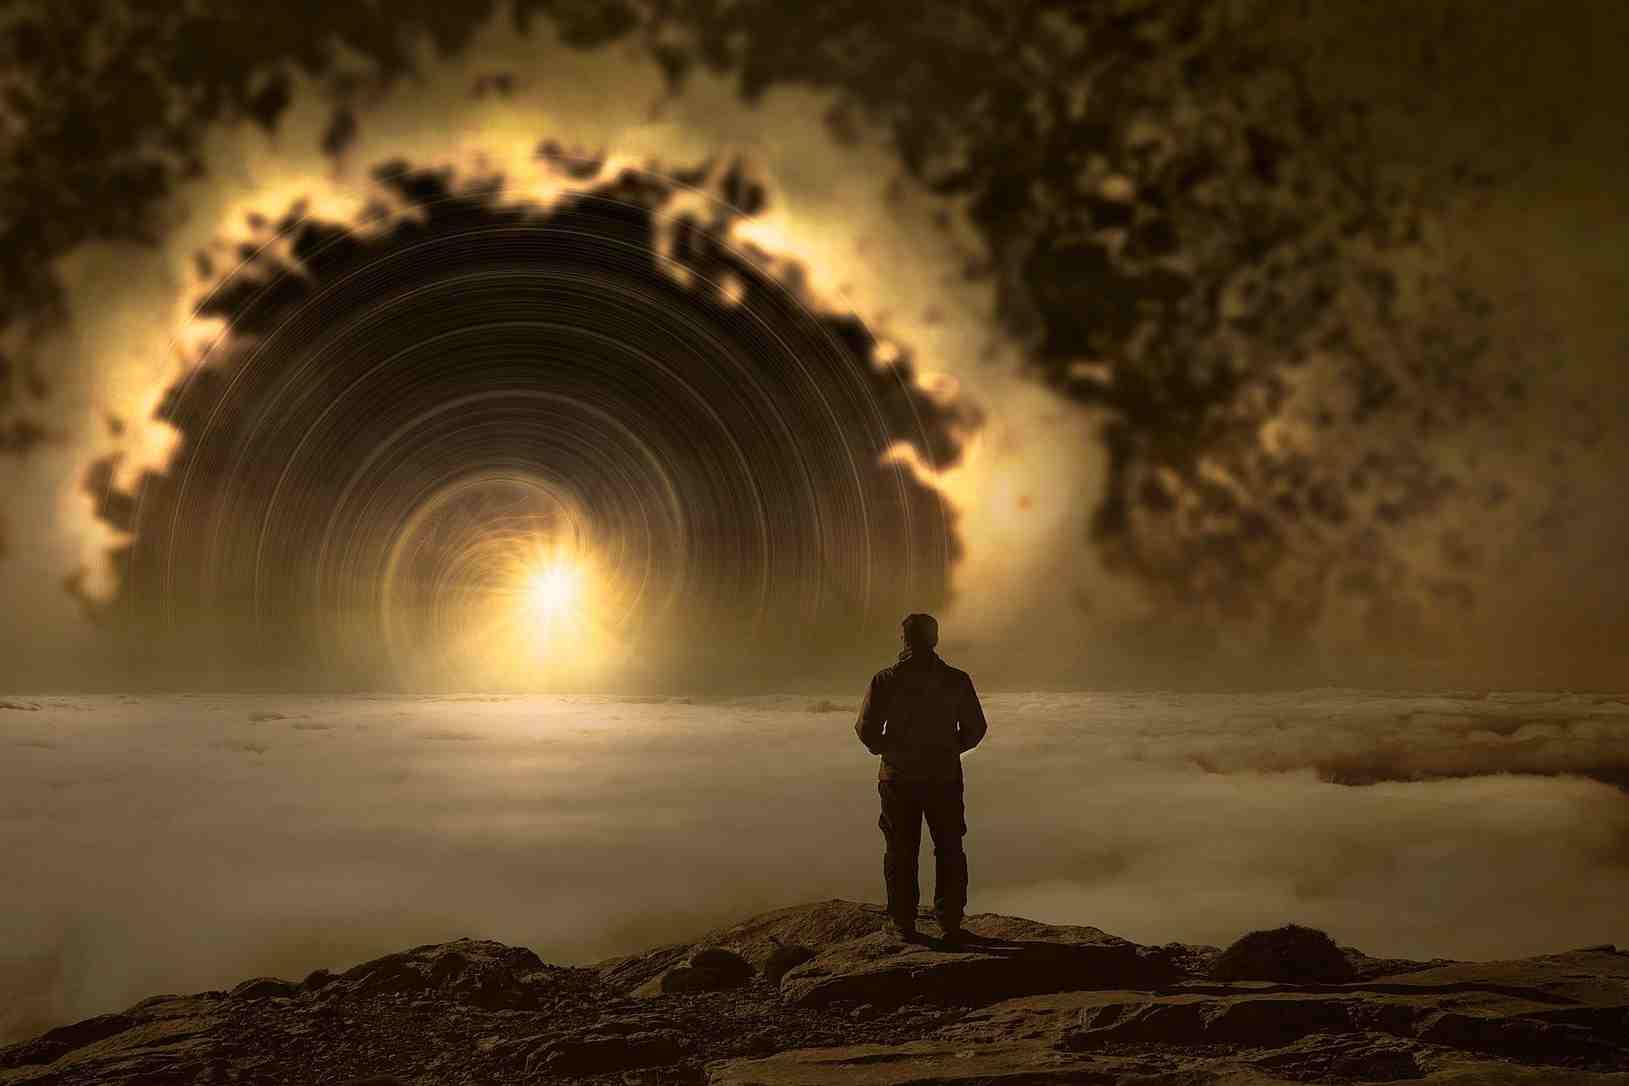 Una imagen idealizada del mundo de los sueños con un sol encima de la niebla y un hombre